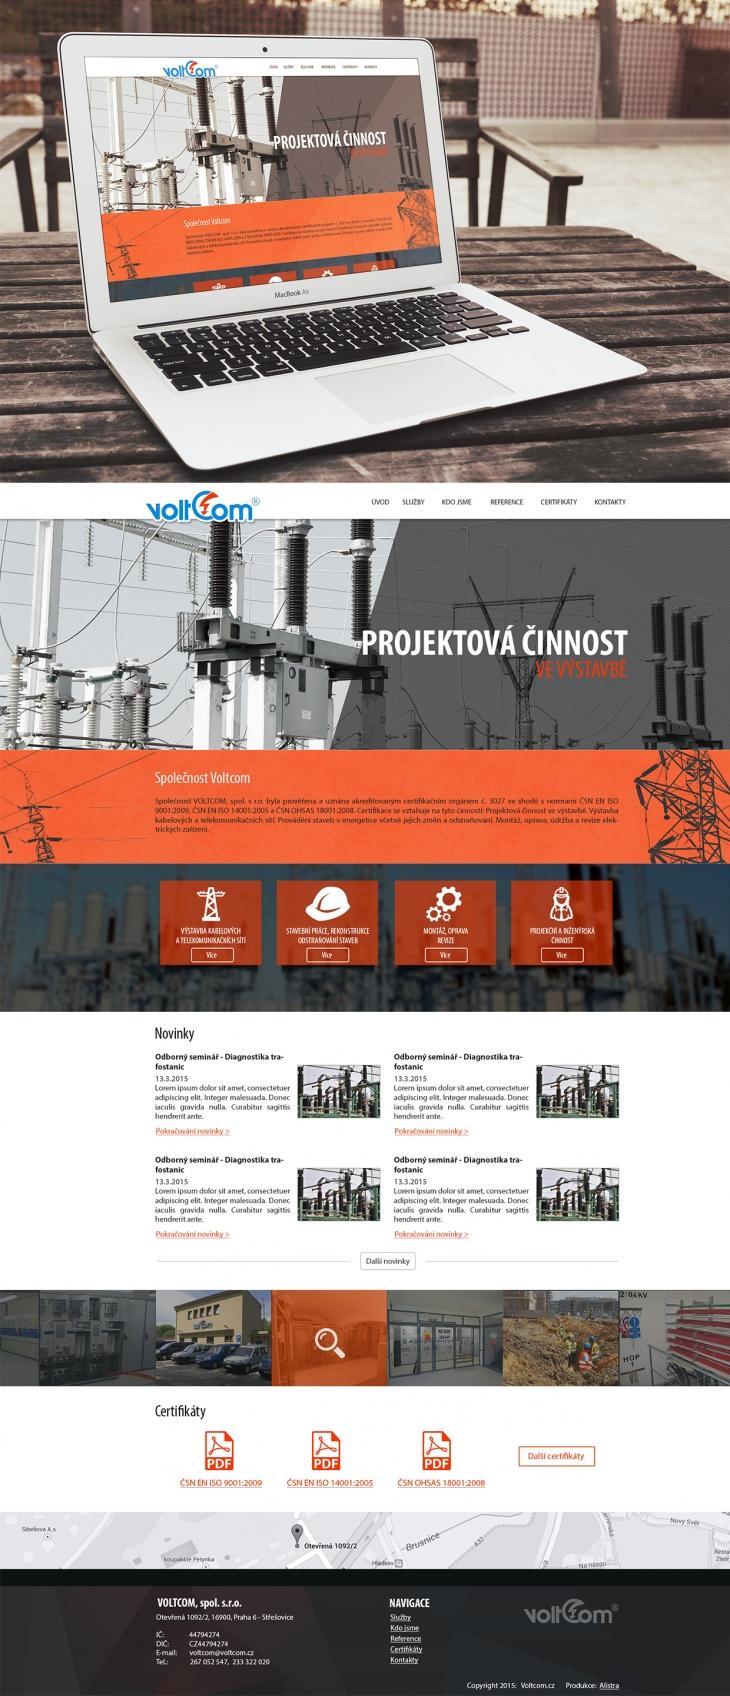 Projekt: Voltcom